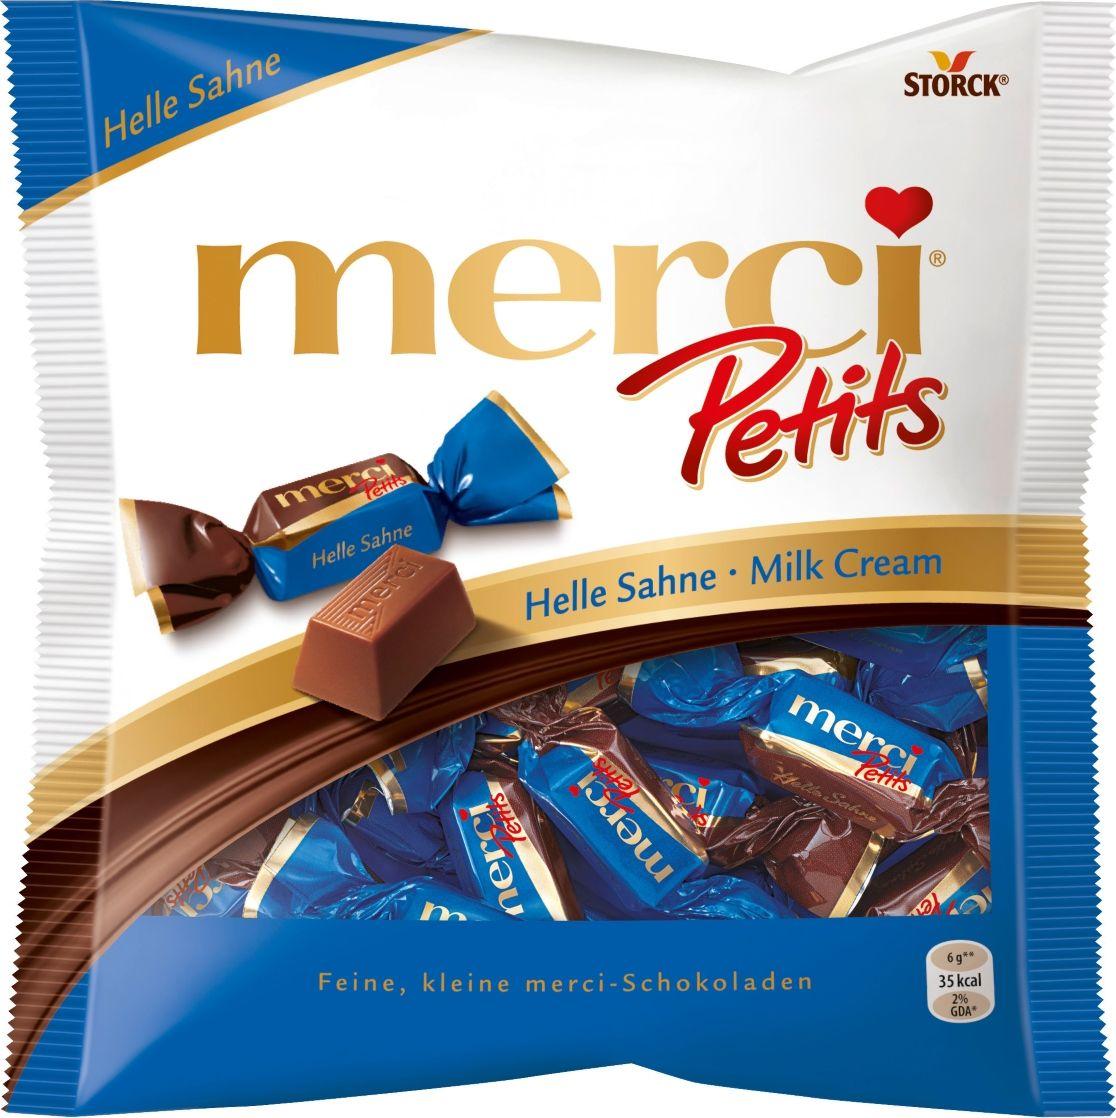 Merci Petits конфеты молочные, 125 г merci конфеты молочные ассорти 250 г